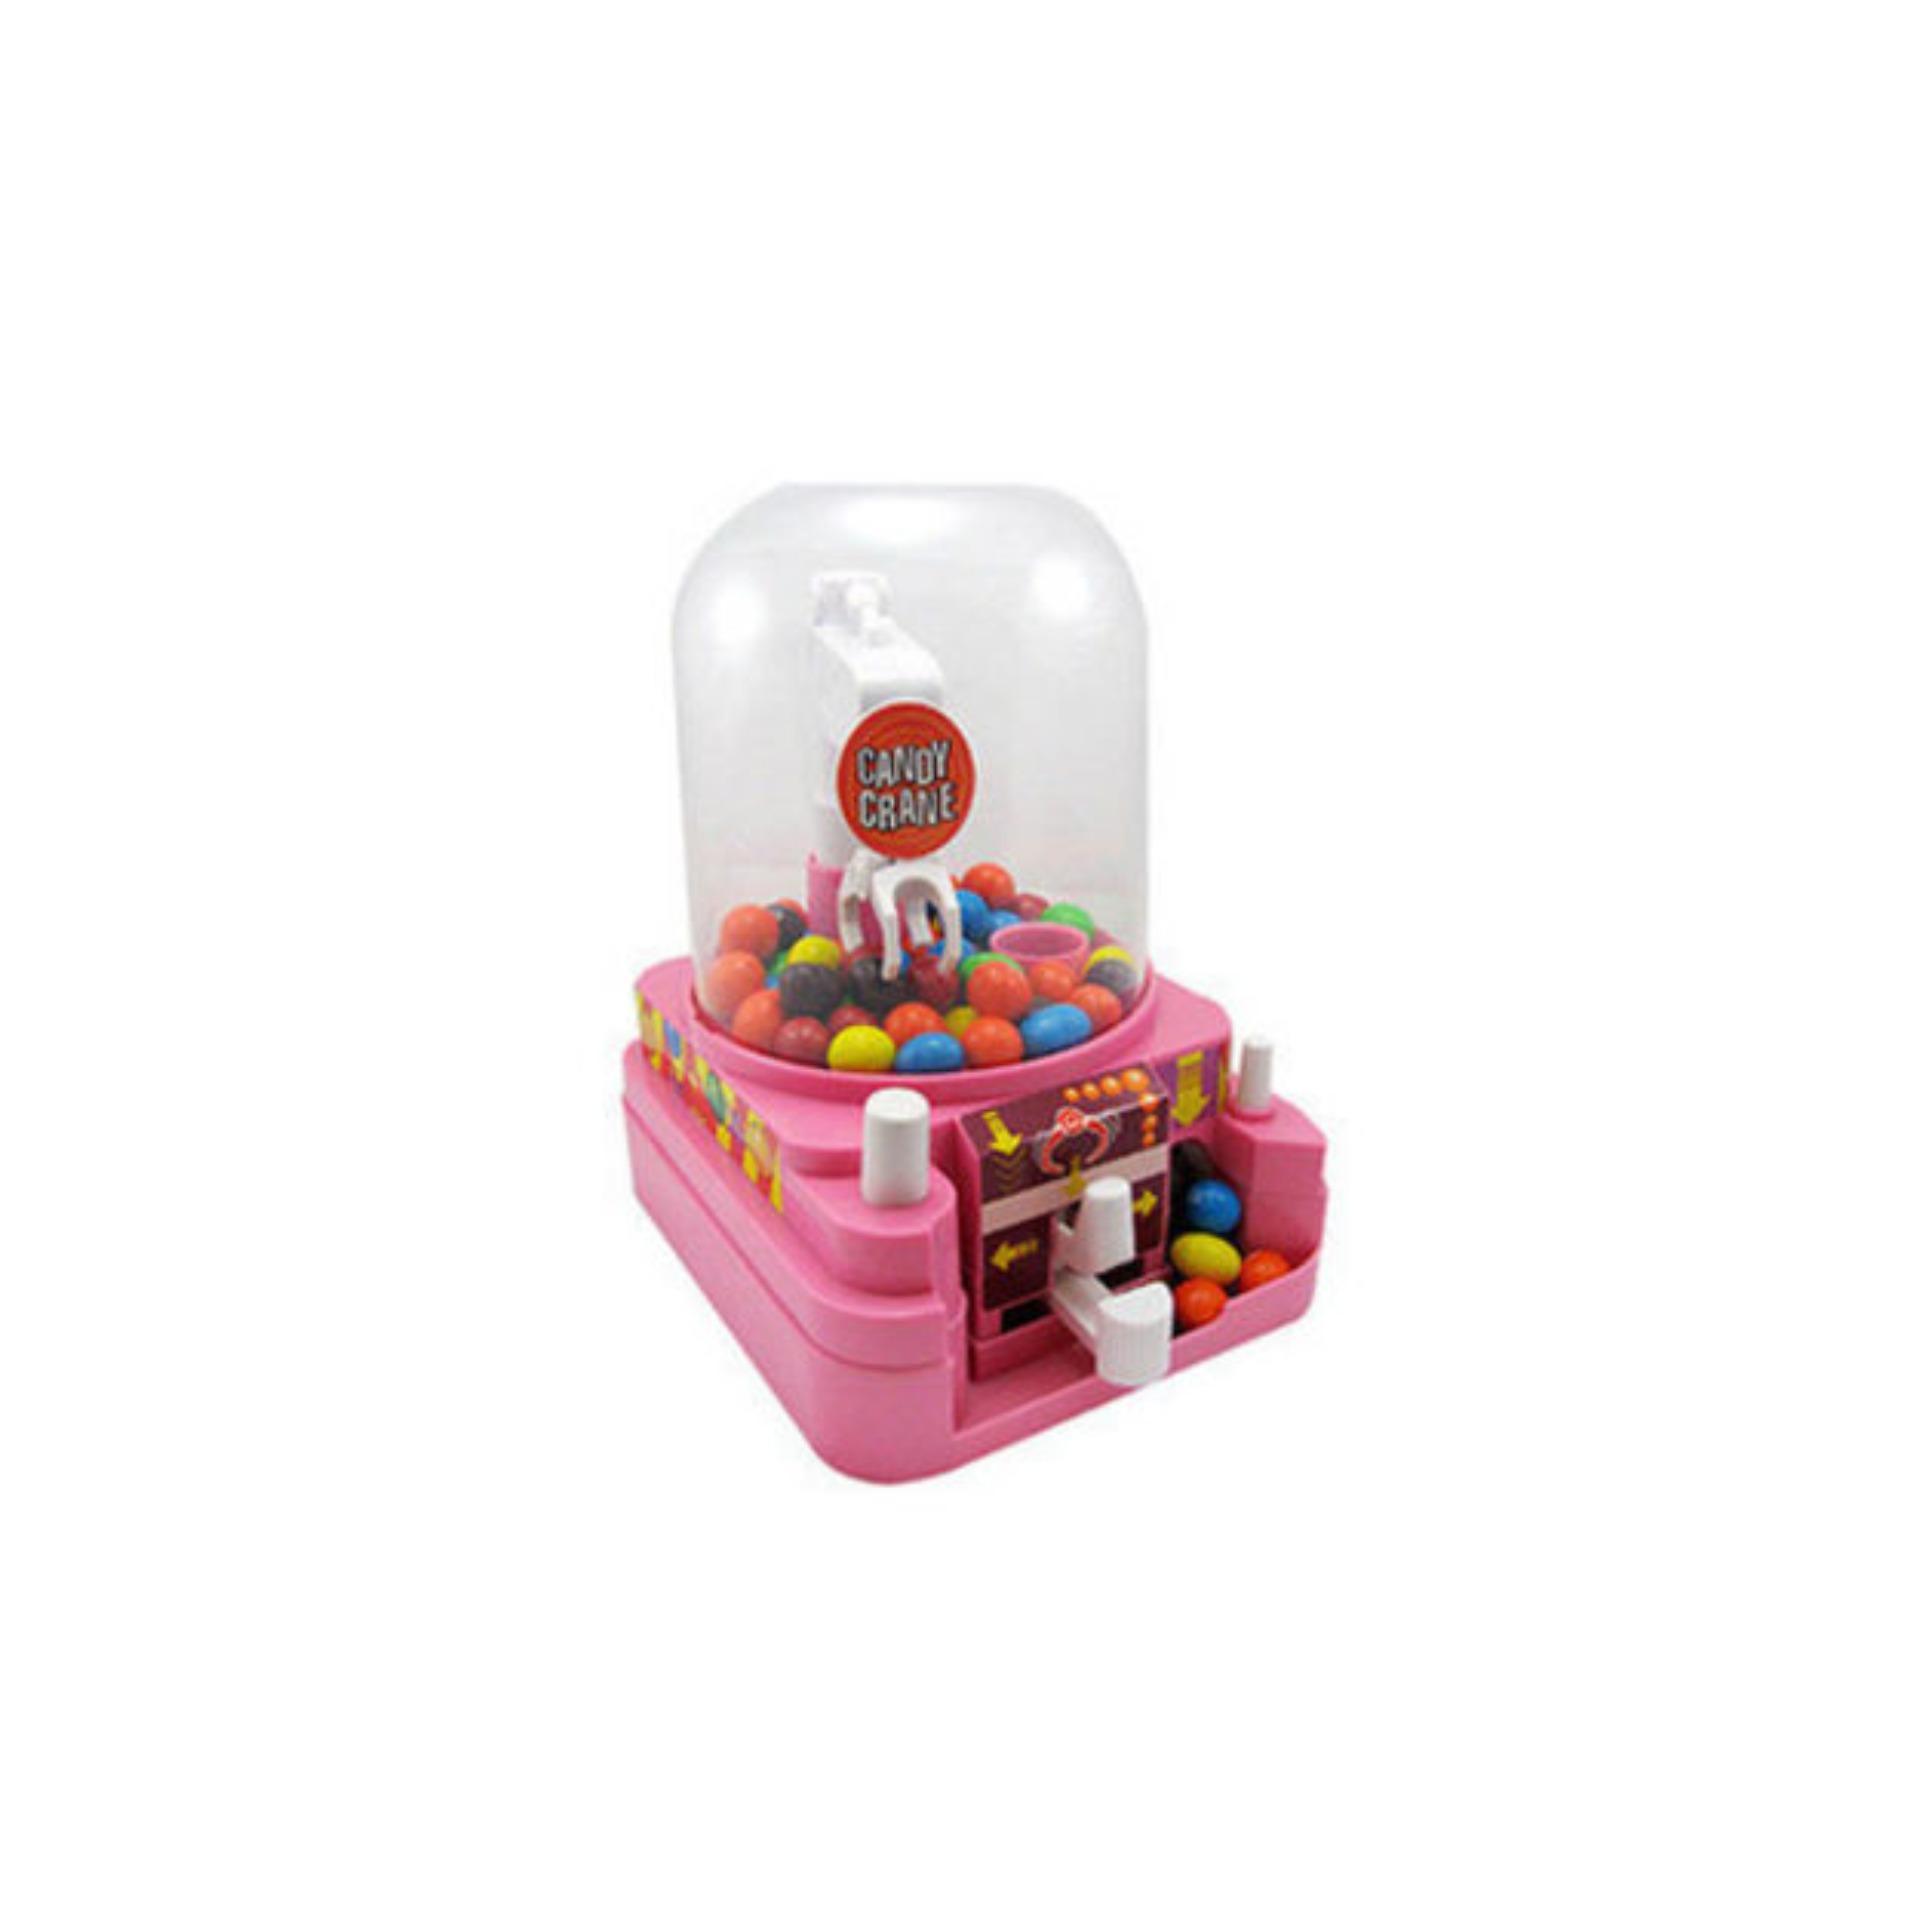 Hình ảnh Bộ đồ chơi gắp đồ Gum Crane